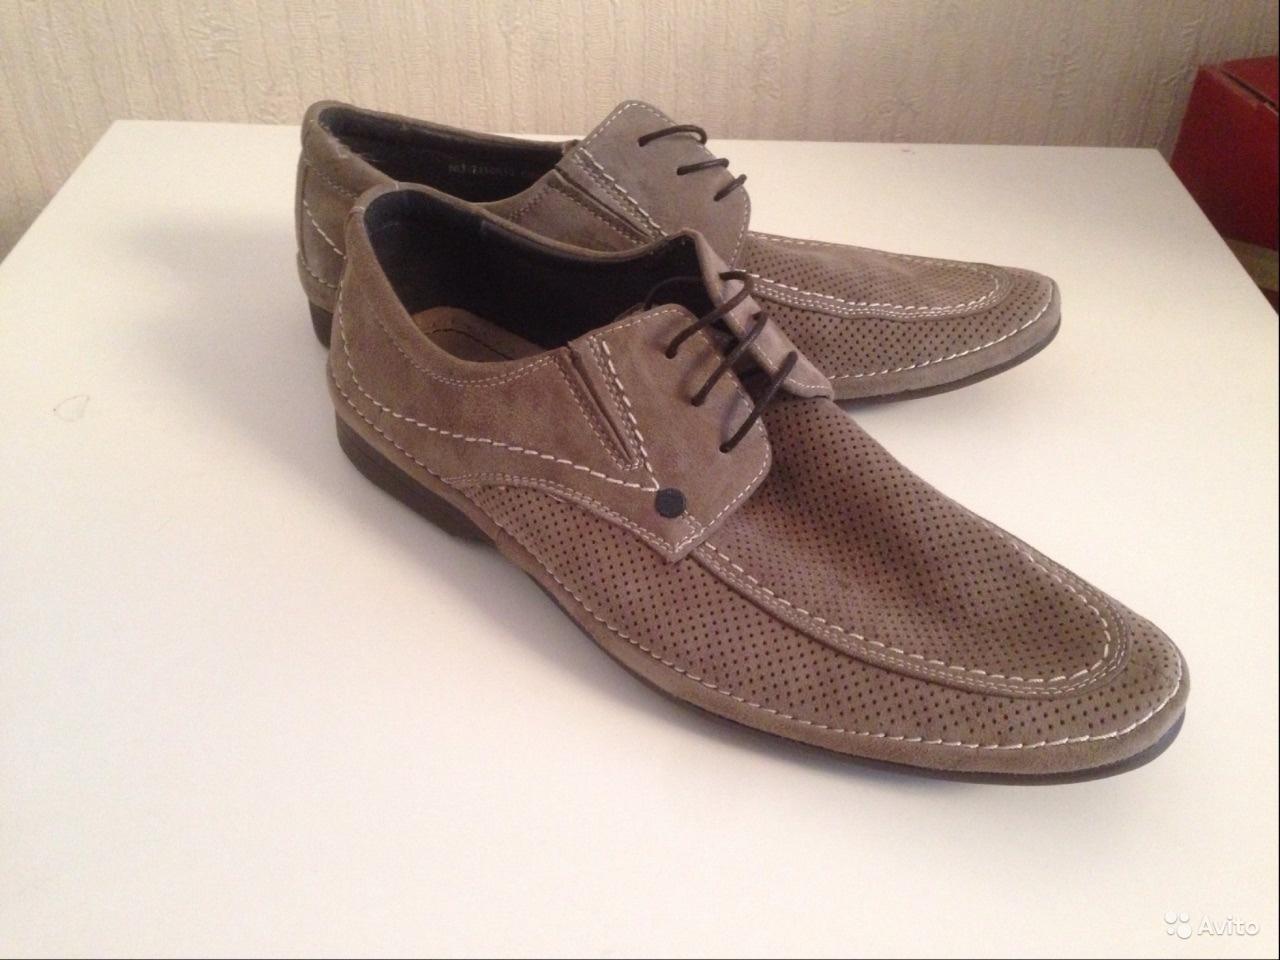 5633fbd8 Коллекция ботинок Честер настолько разнообразна, что позволяет женщине или  мужчине выбрать себе пару по вкусу из всего продуманного ассортимента  бренда.